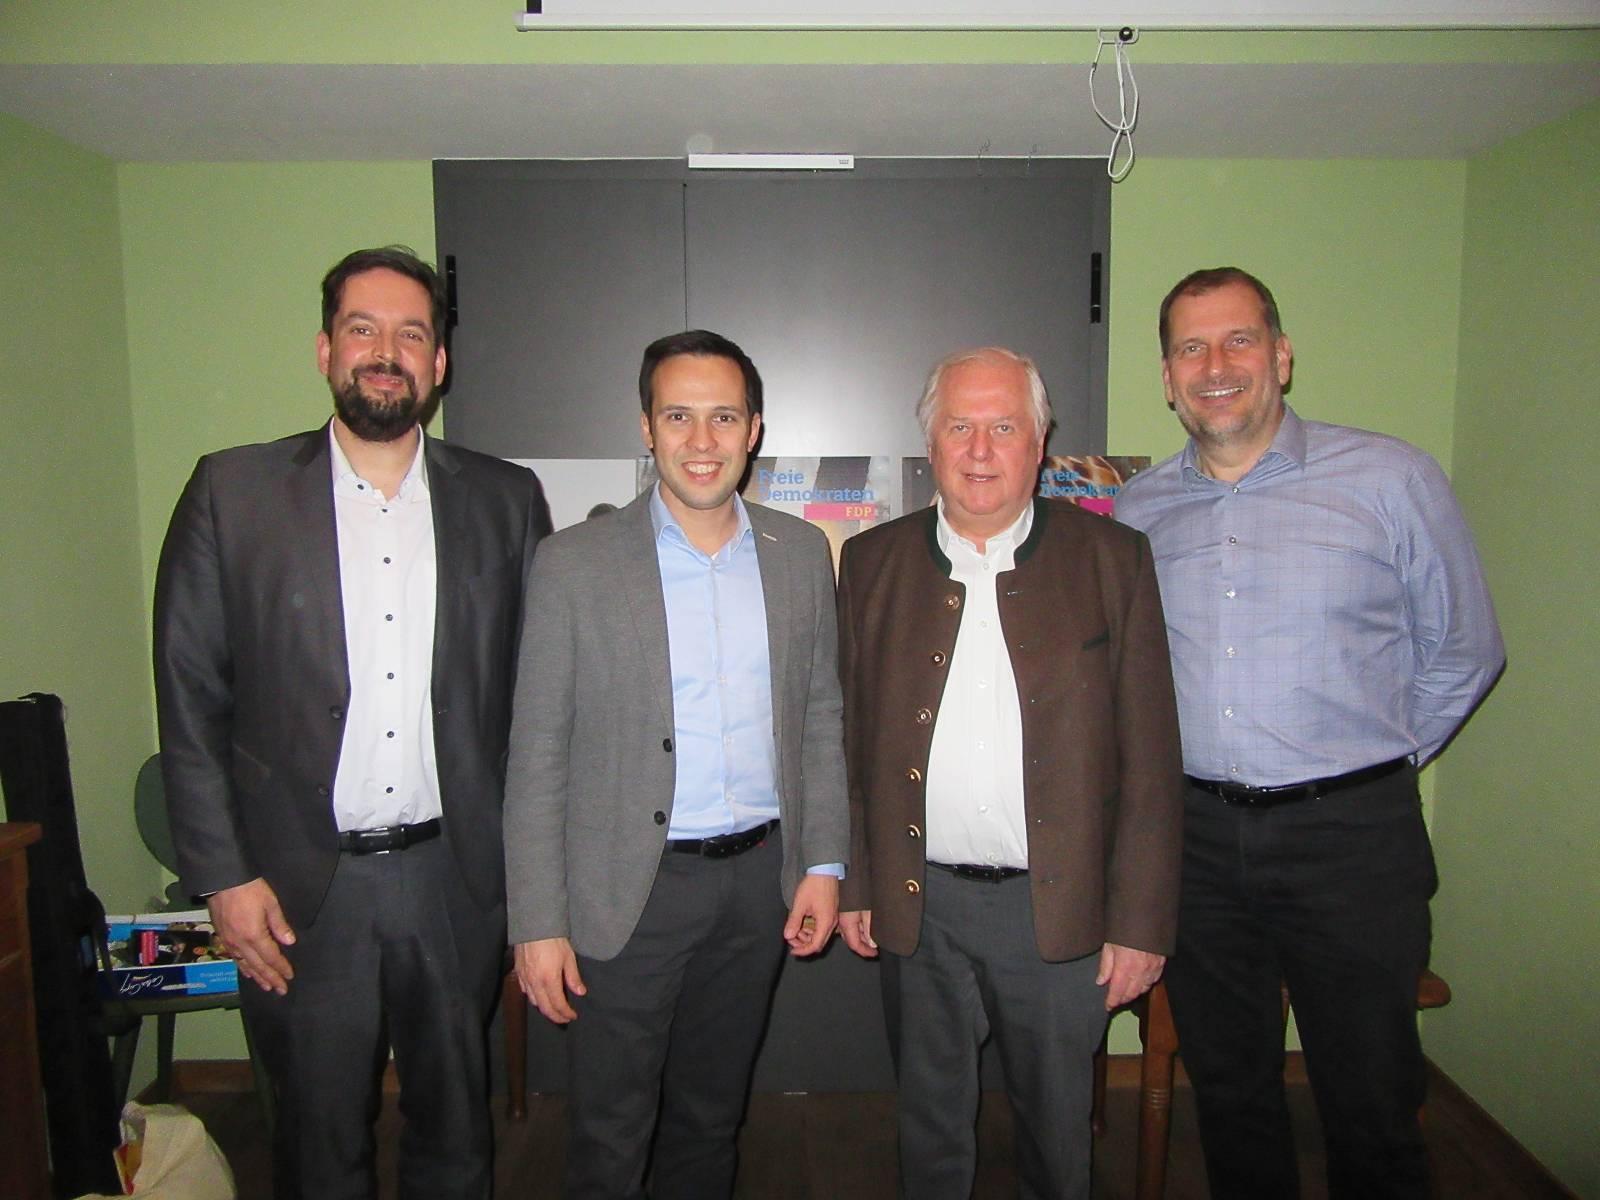 v.l.n.r.: Dr. Patrick Lechner, Martin Hagen (MdL), Günther Fuhrmann, Larry Terwey